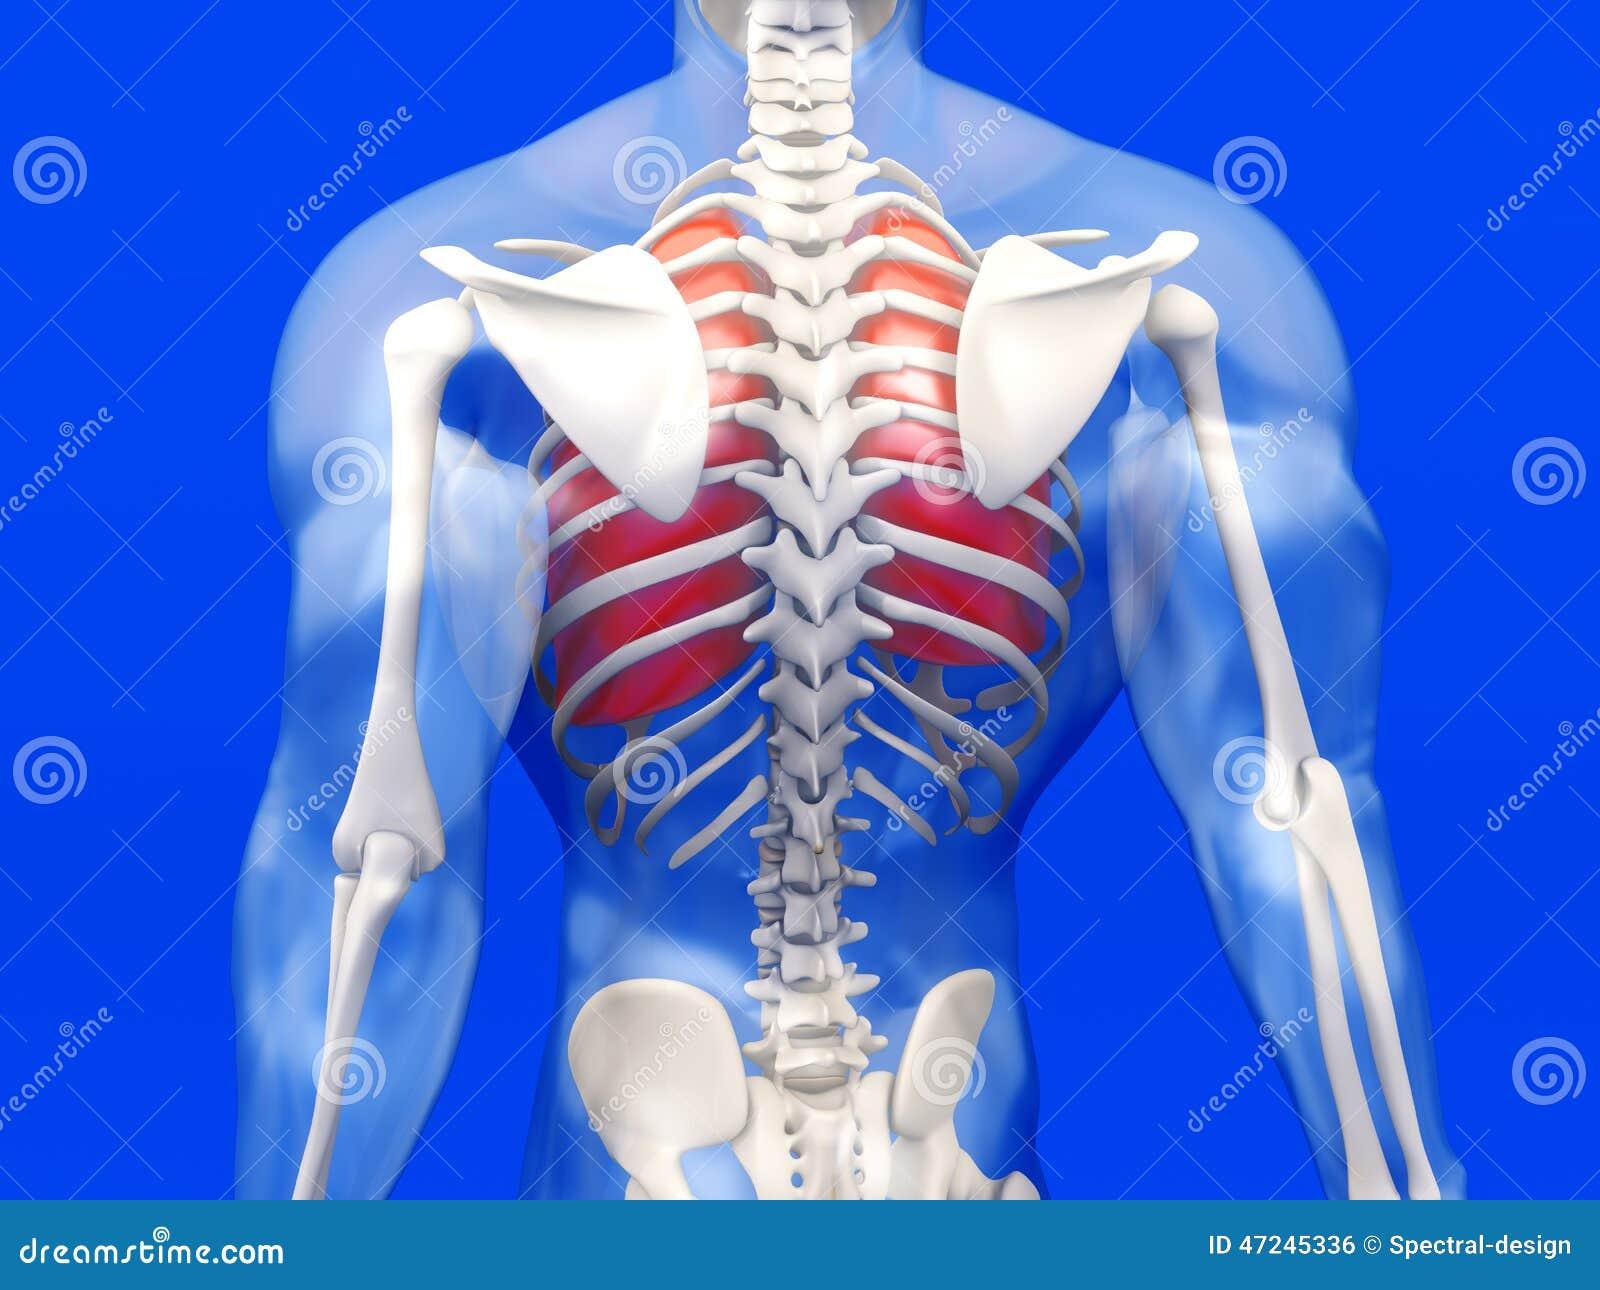 Visualización Humana De La Anatomía - Los Pulmones En BO Semi ...